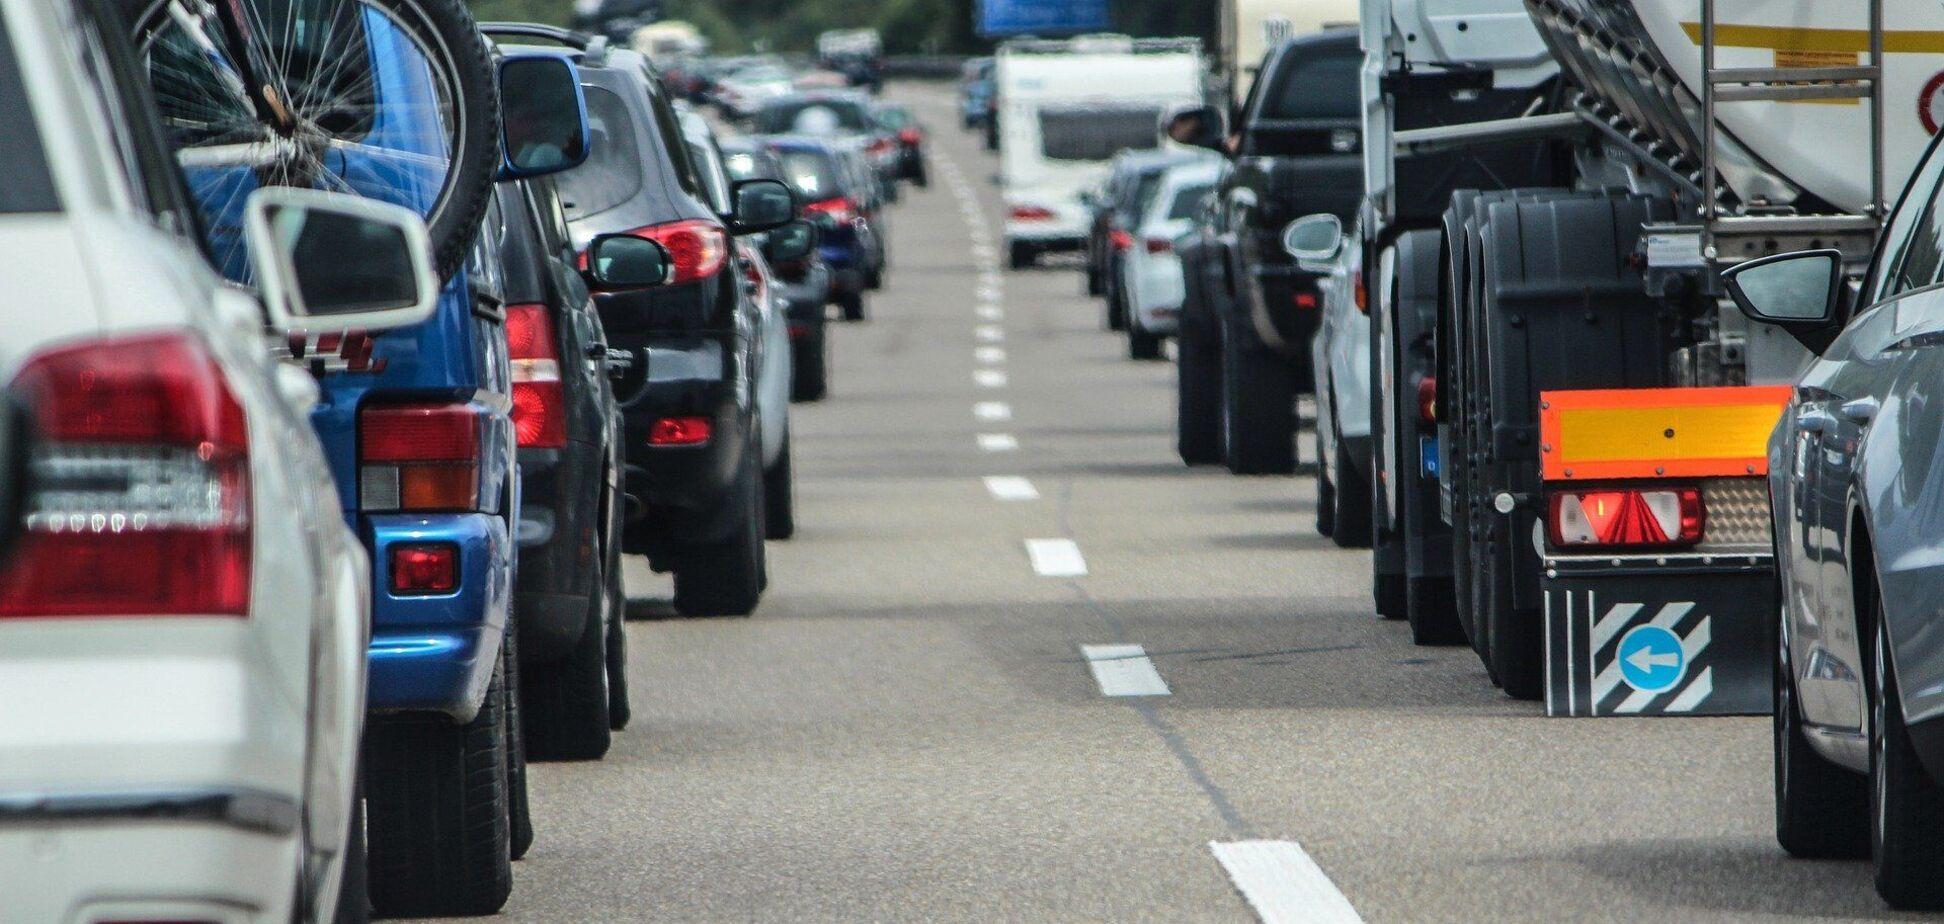 Проблеми з рухом авто є по всьому місту